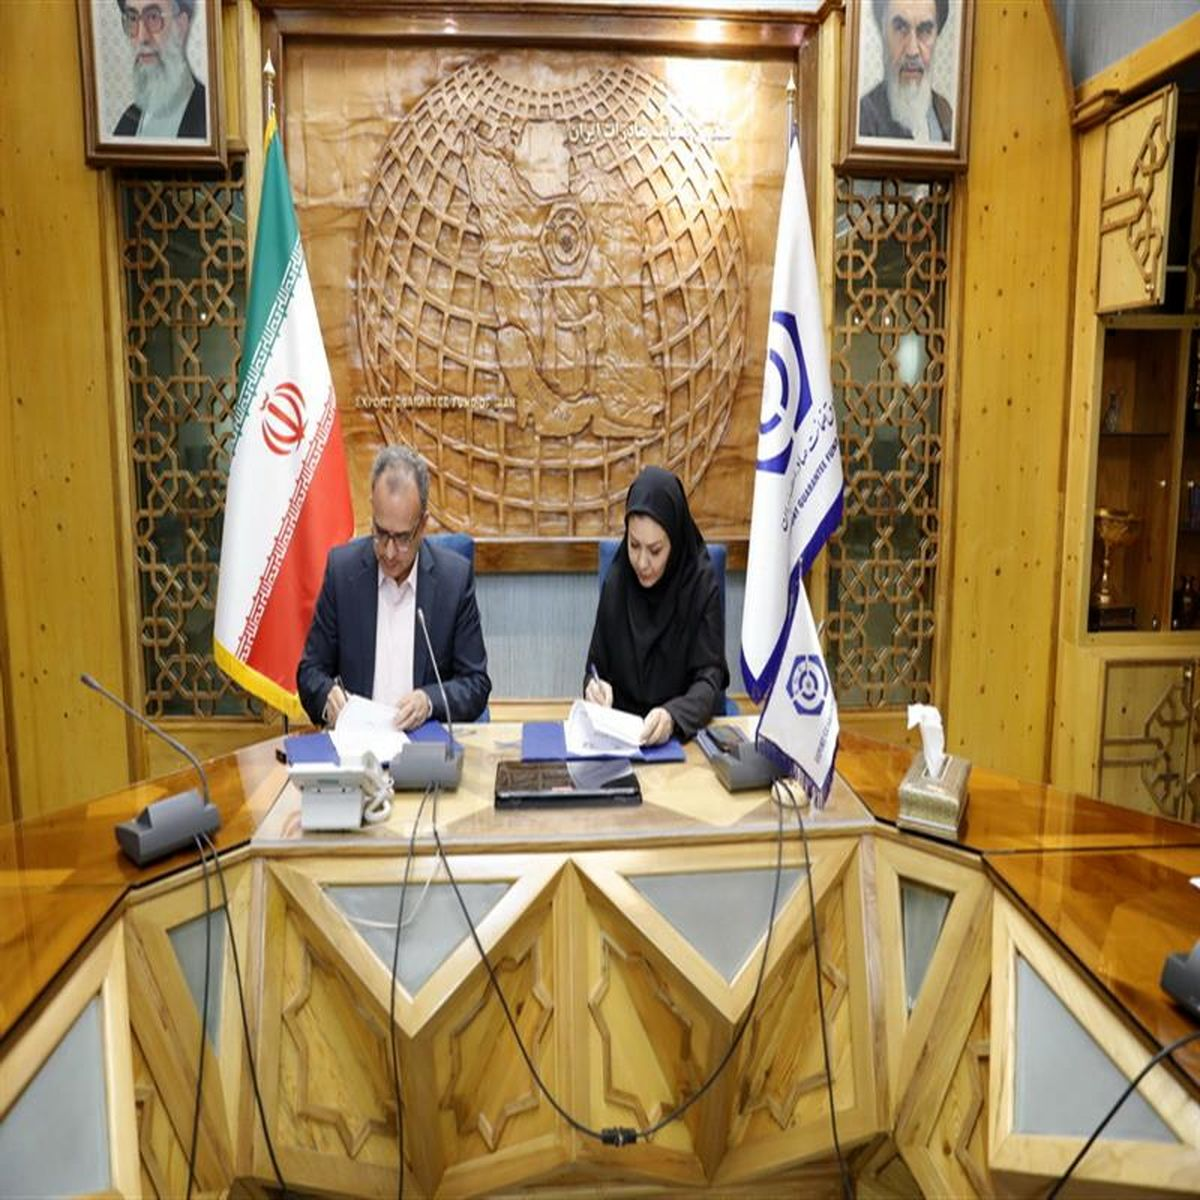 پشتیبانی صندوق ضمانت صادرات ایران از توسعه صادراتی صنعت آب و برق